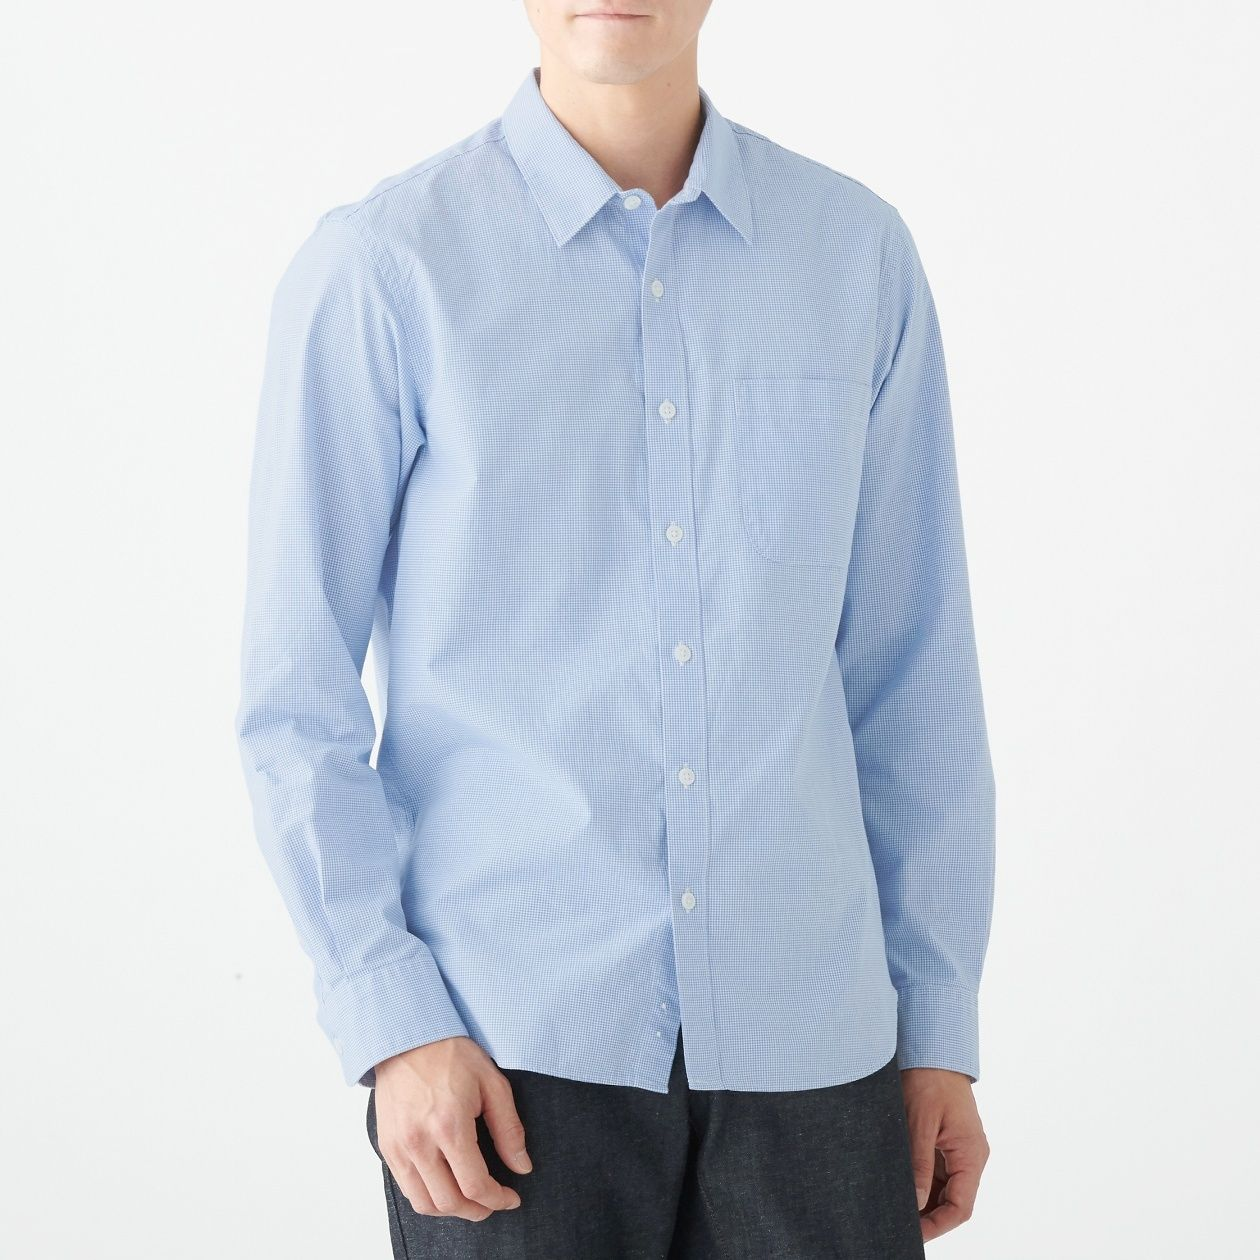 新疆綿洗いざらしブロードギンガムシャツ